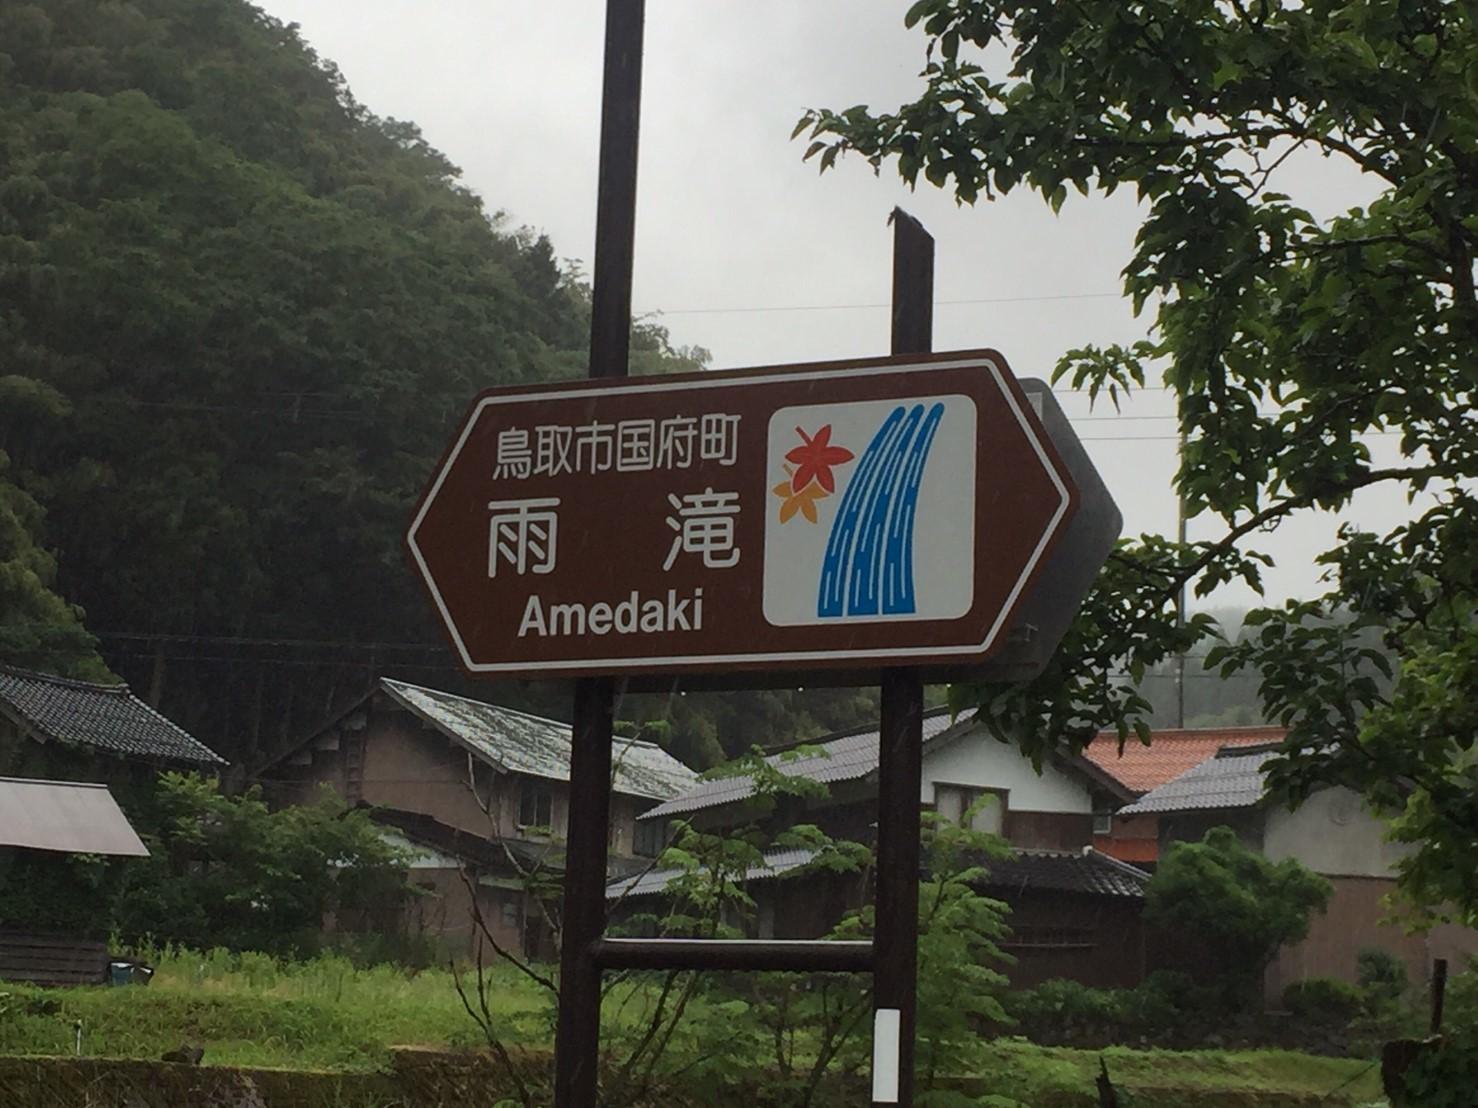 河合谷高原・水とのふれあい広場の水 ・田村牧場_e0115904_13032112.jpg